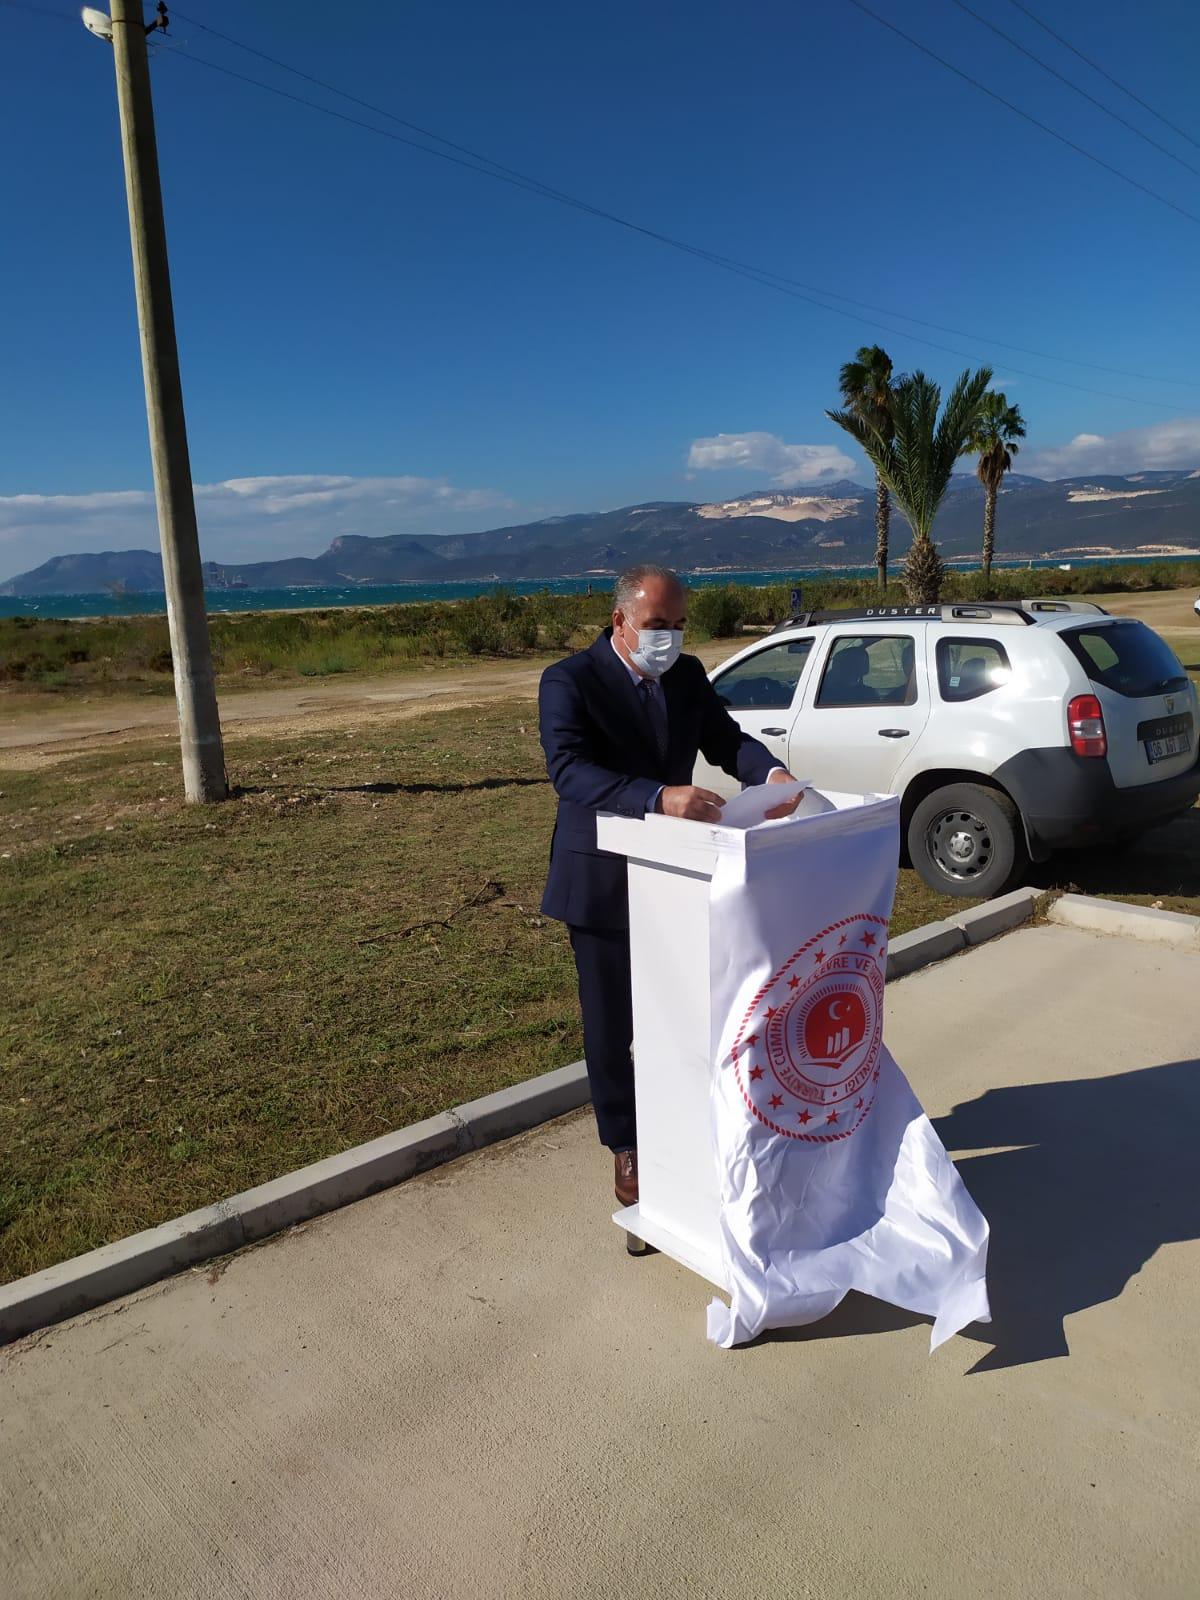 Göksu Deltası Özel Çevre Koruma Bölgesi'nde Kum Zambağı Koruma İzleme Projesi